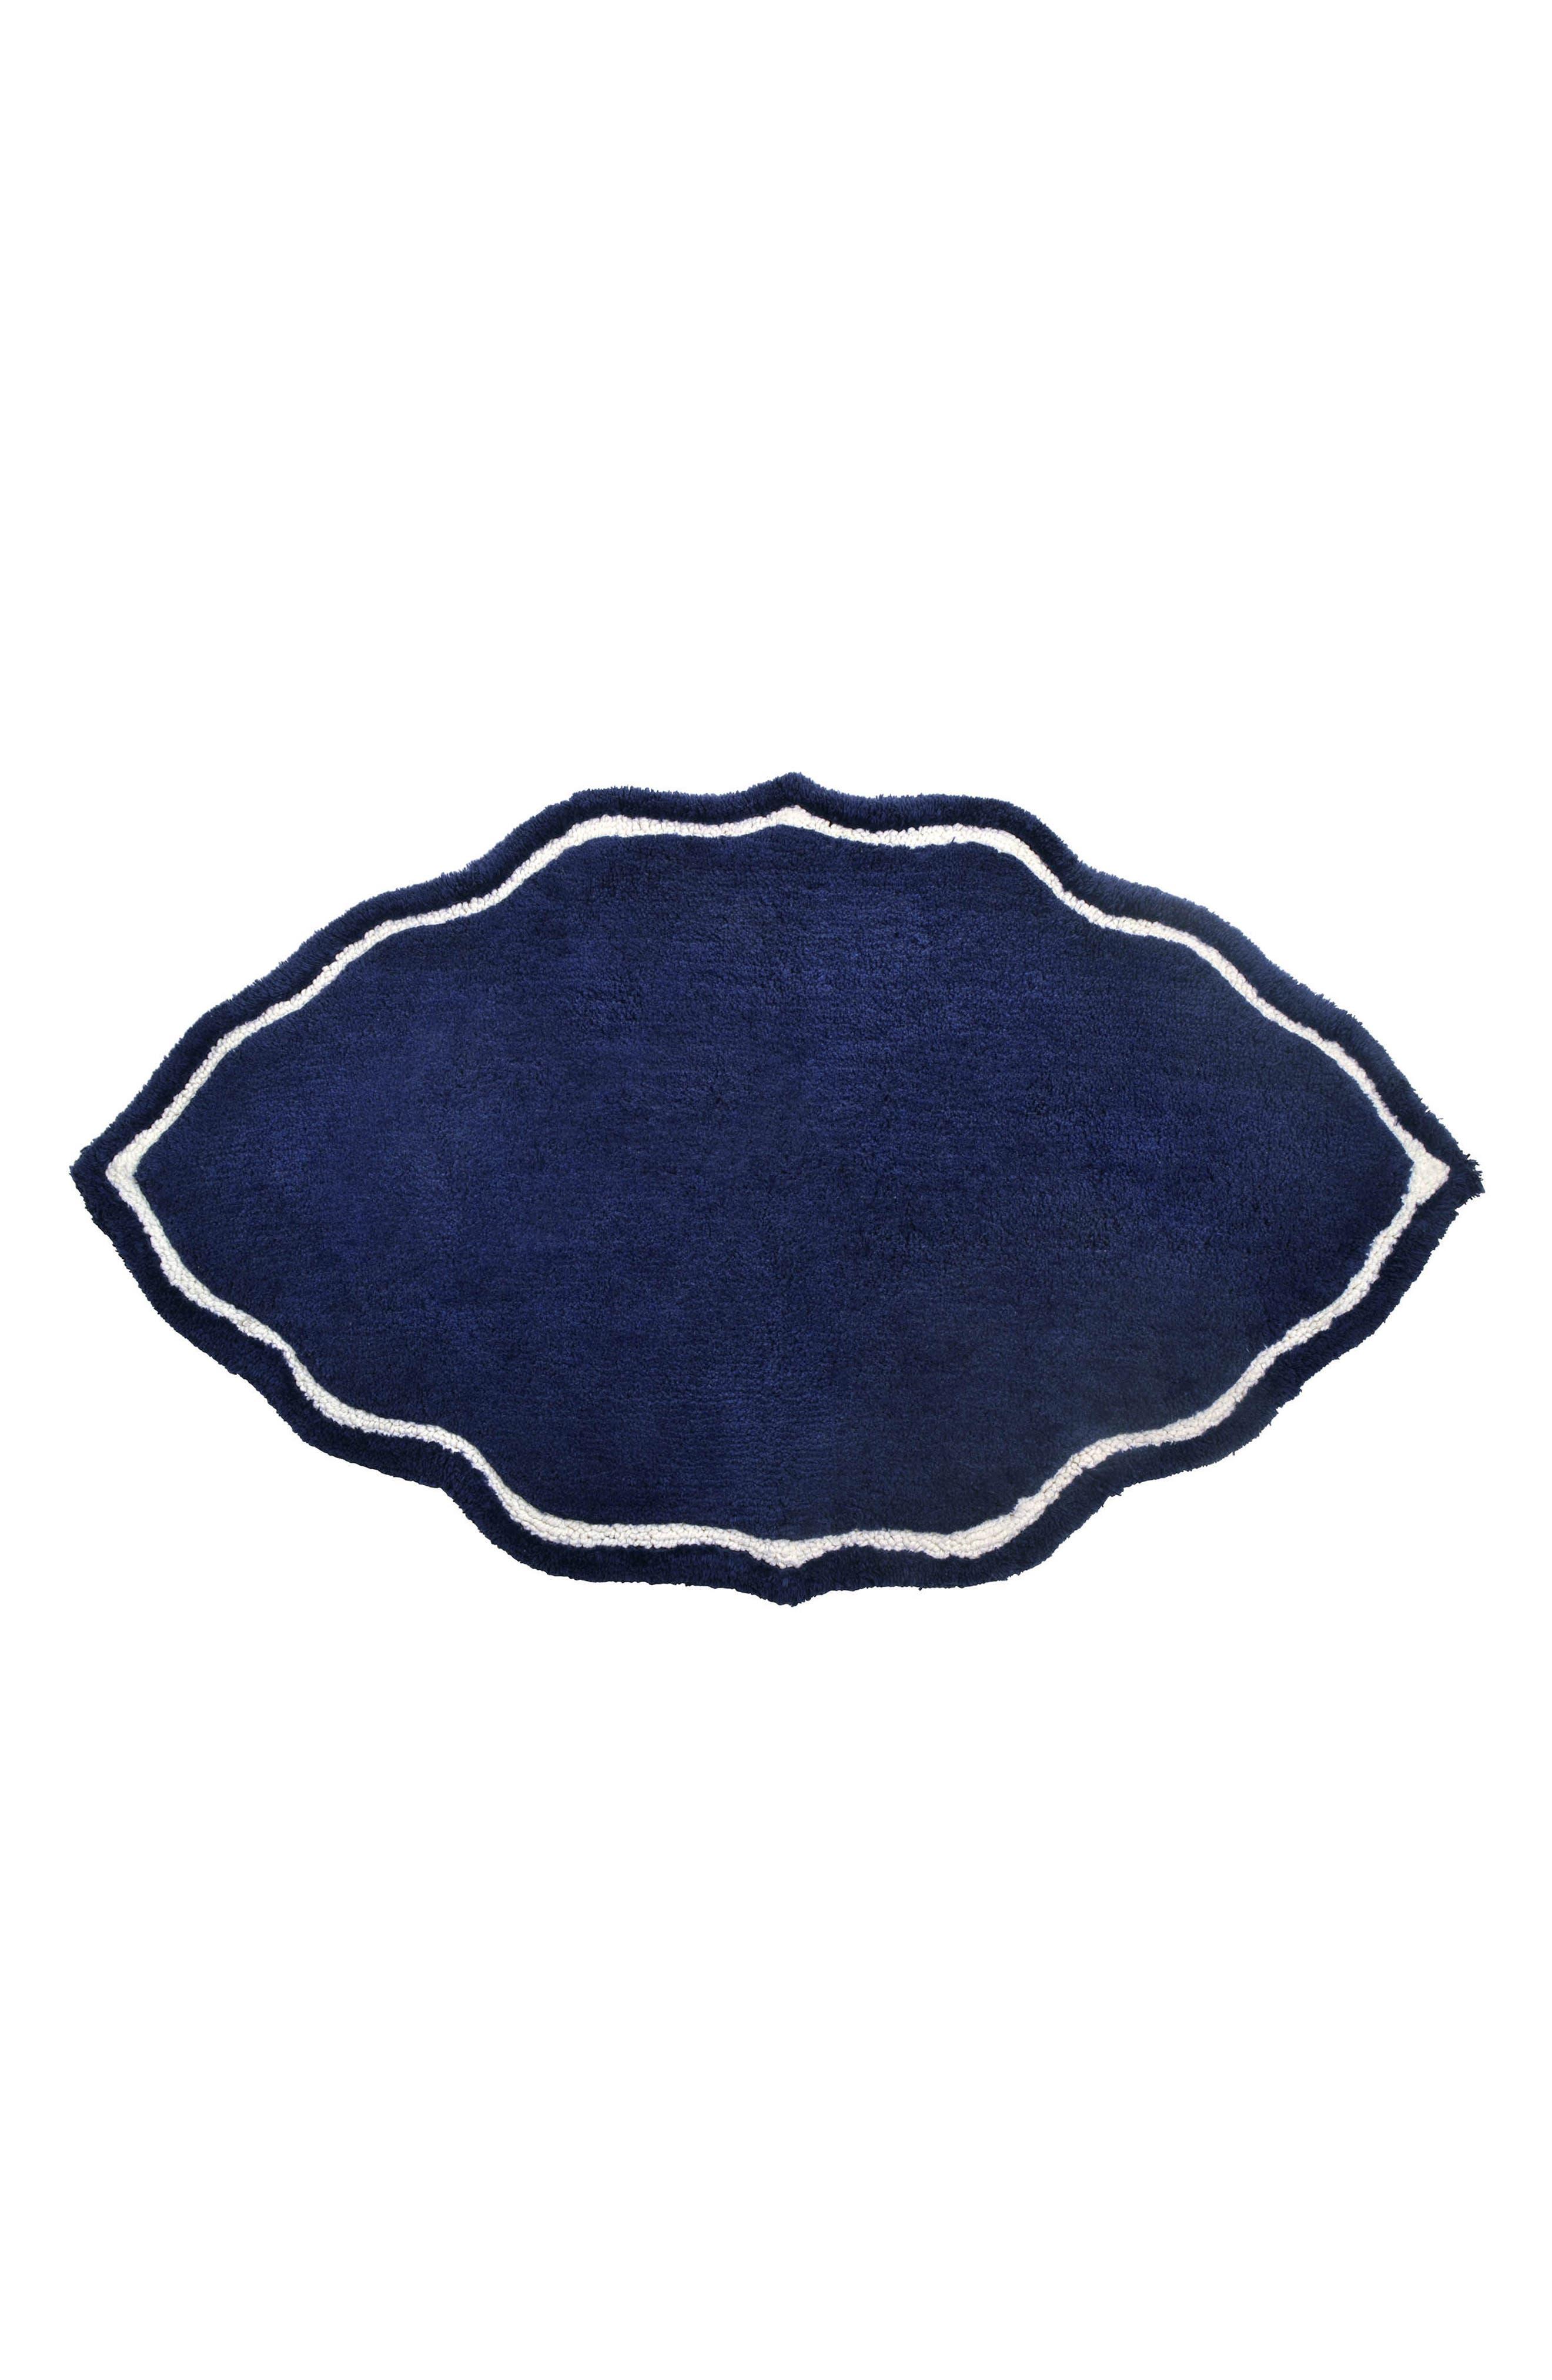 Signature Tufted Bath Rug,                             Main thumbnail 2, color,